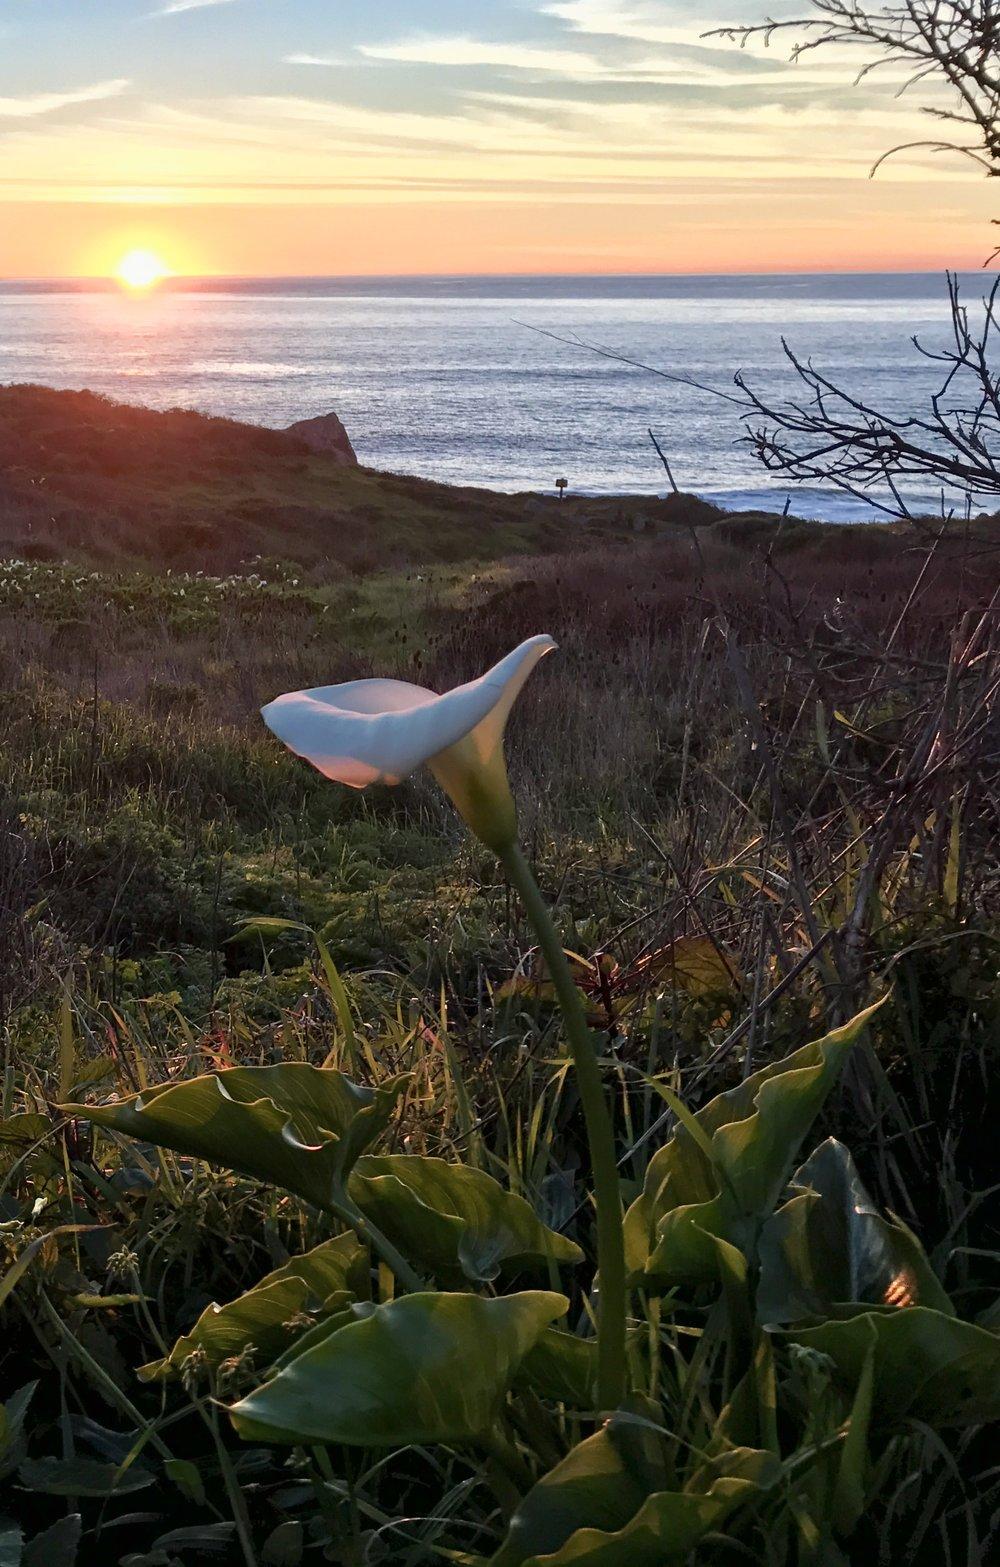 Calla lily, Steep Ravine, California